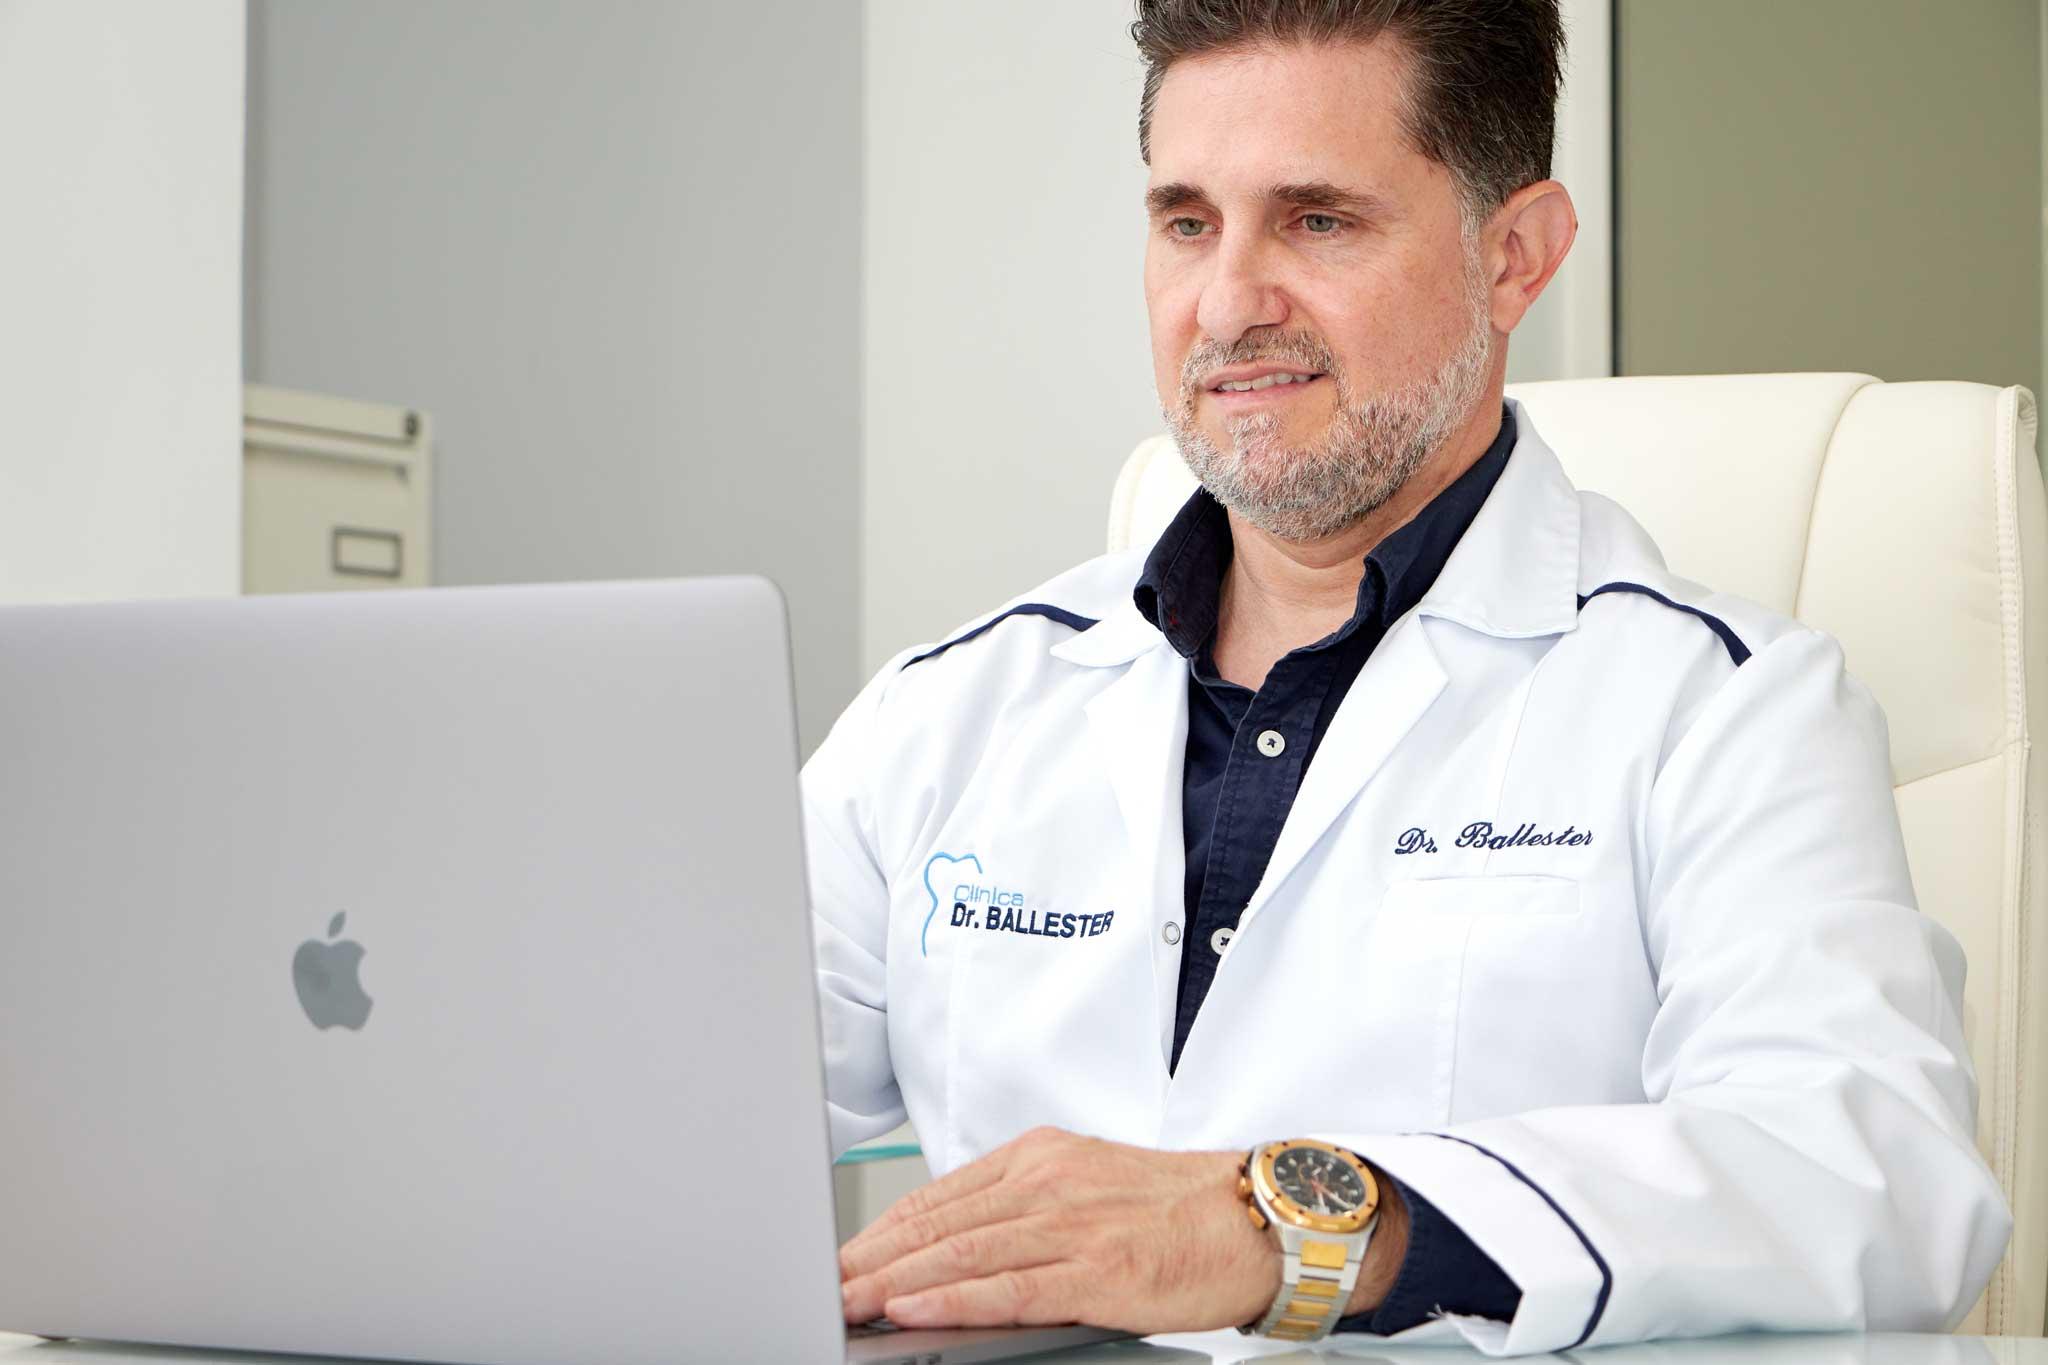 Implantología y traumatología en Denia – Dr.Ballester